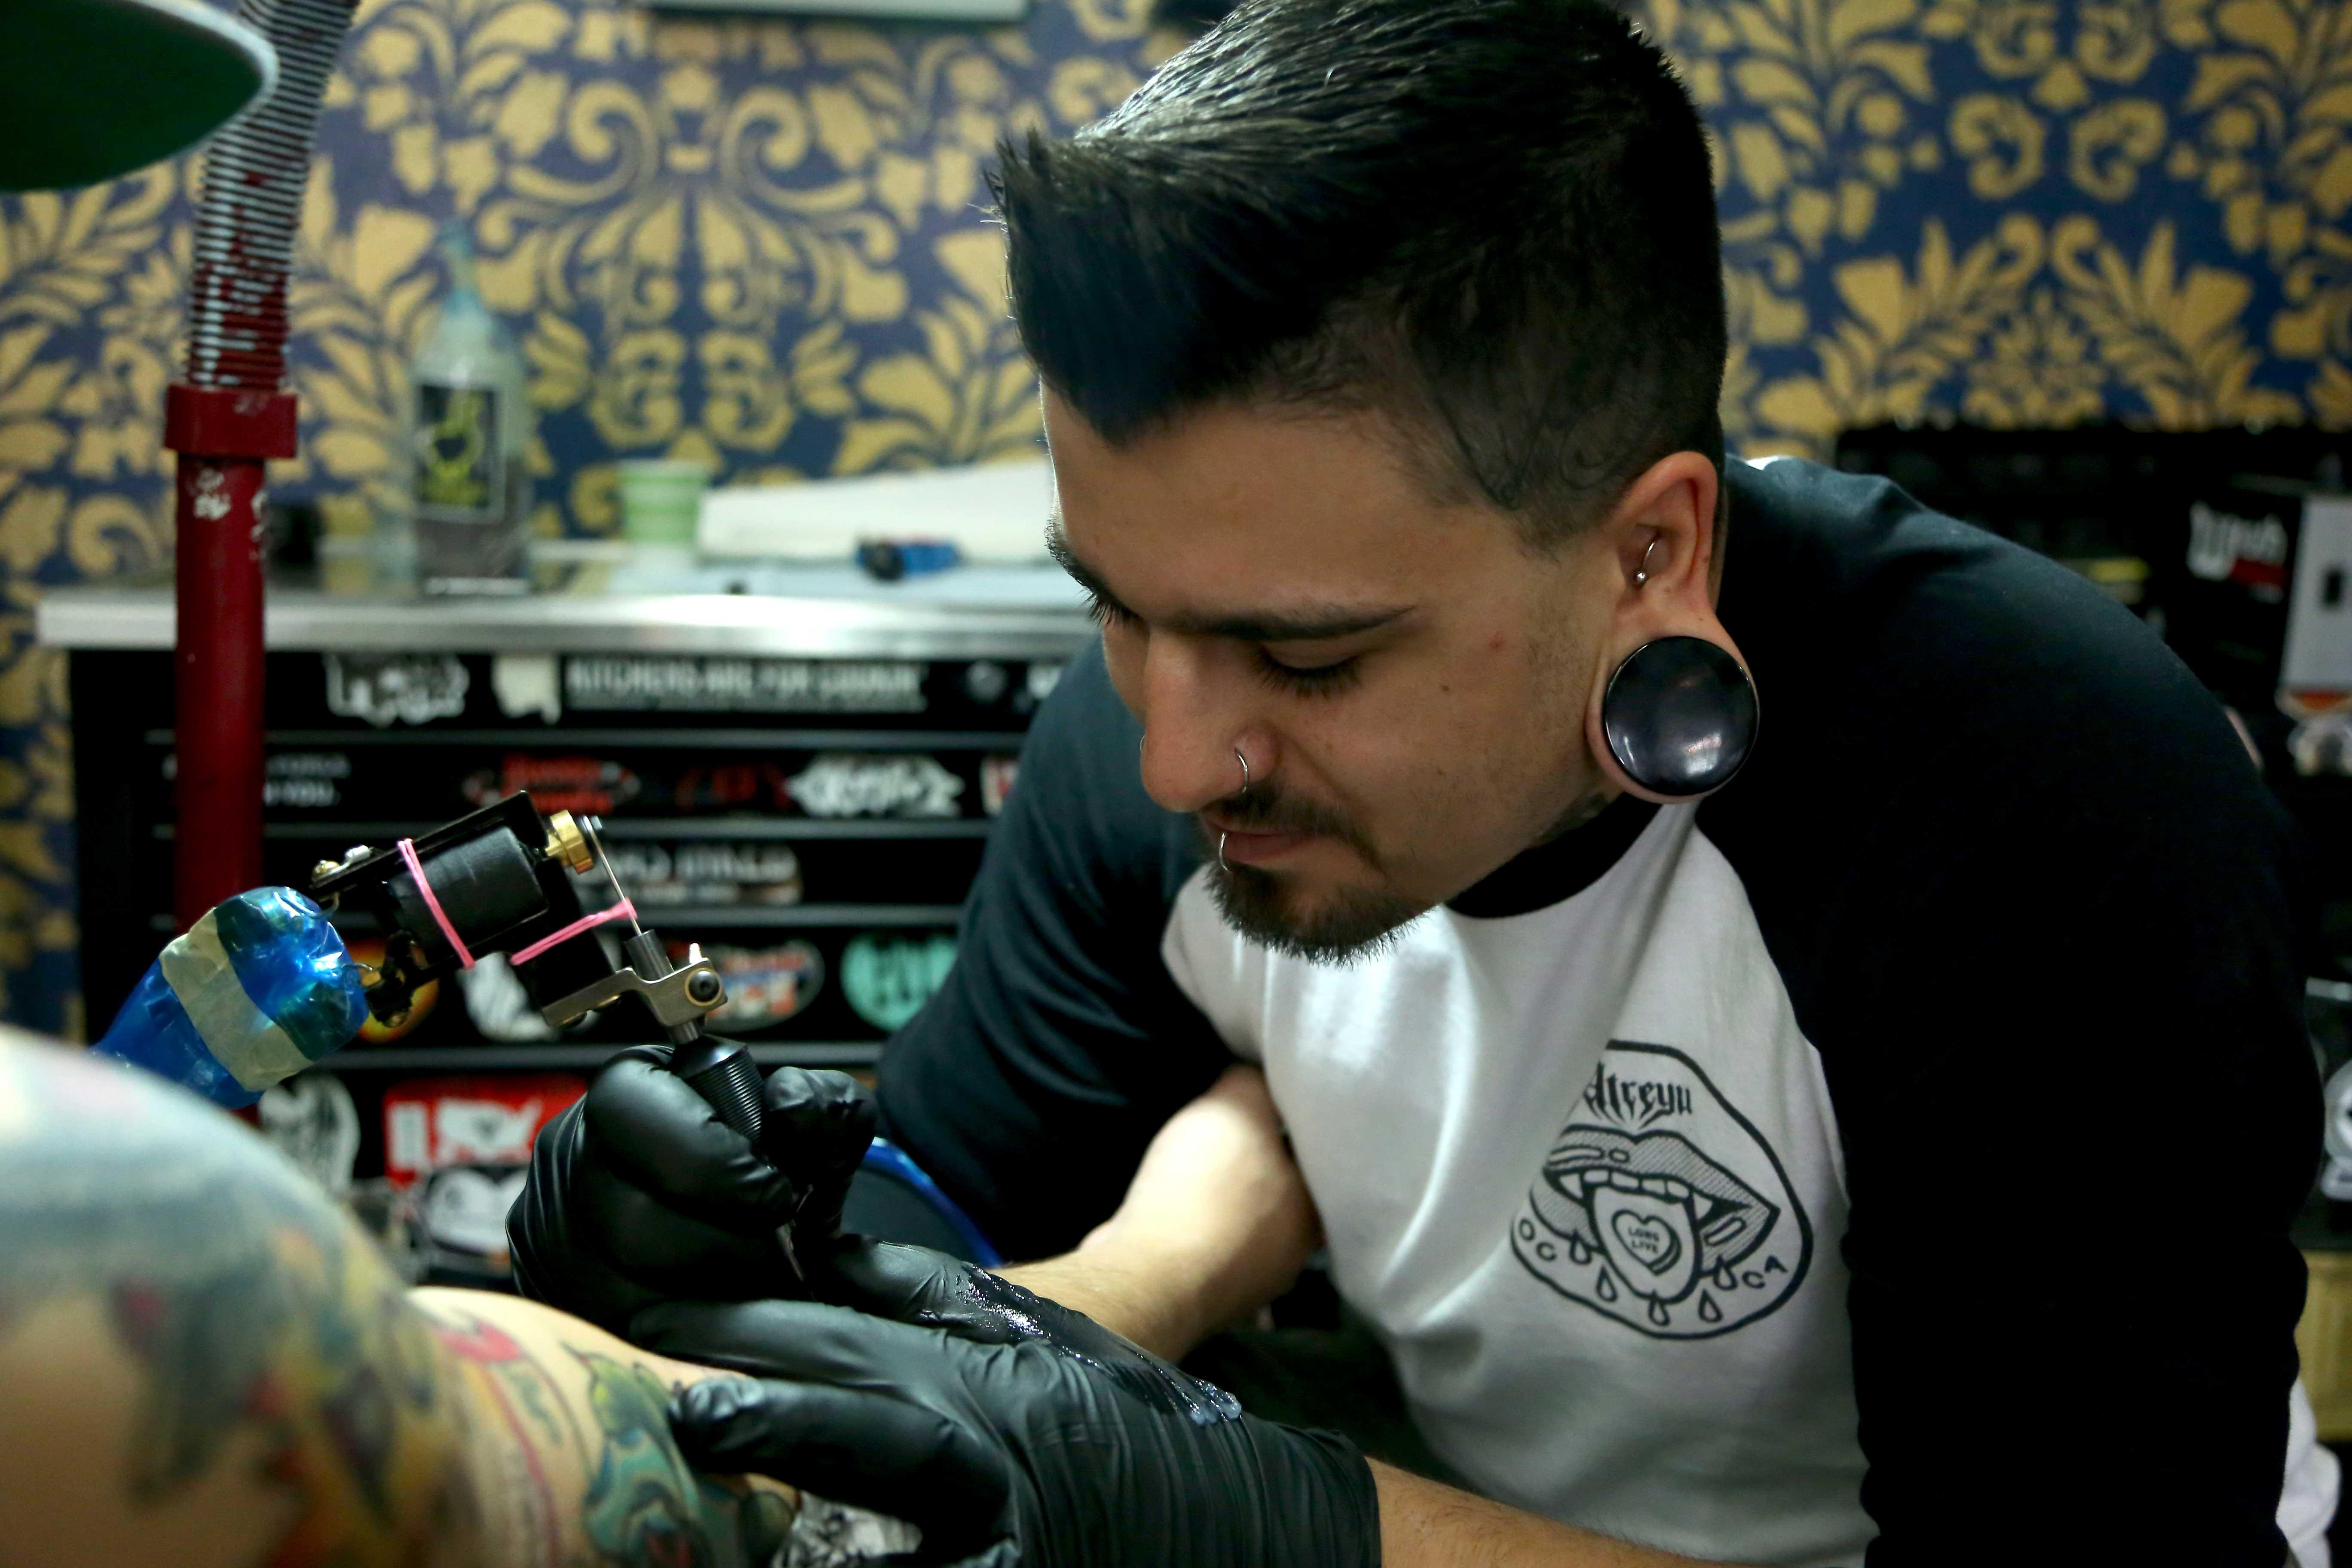 Golden+Goose+Tattoo+is+located+at+203+S+El+Paso+St%2C+El+Paso%2C+TX+79901.+